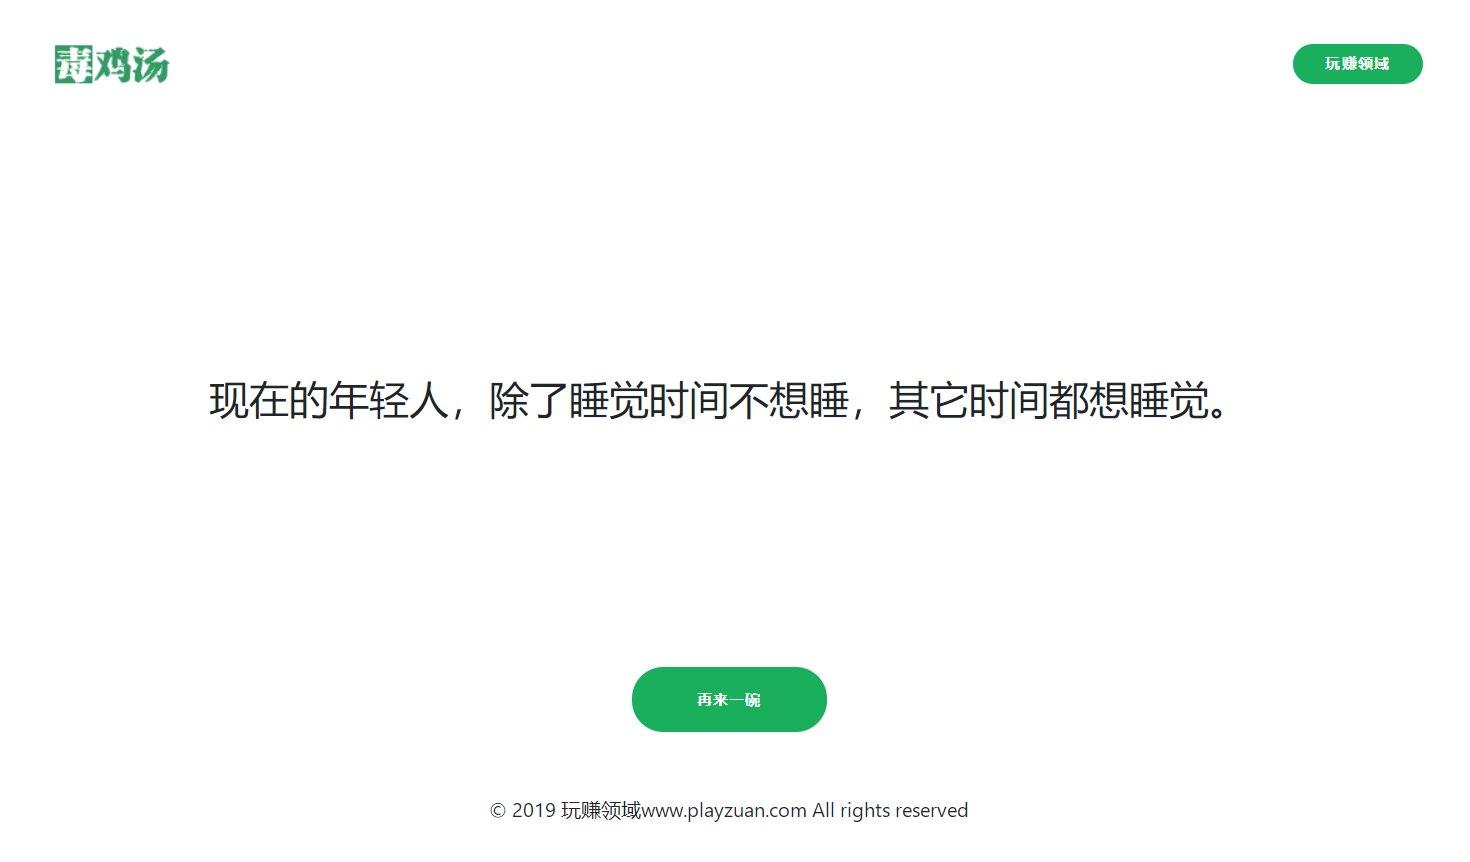 心灵鸡汤语句几千条PHP源码